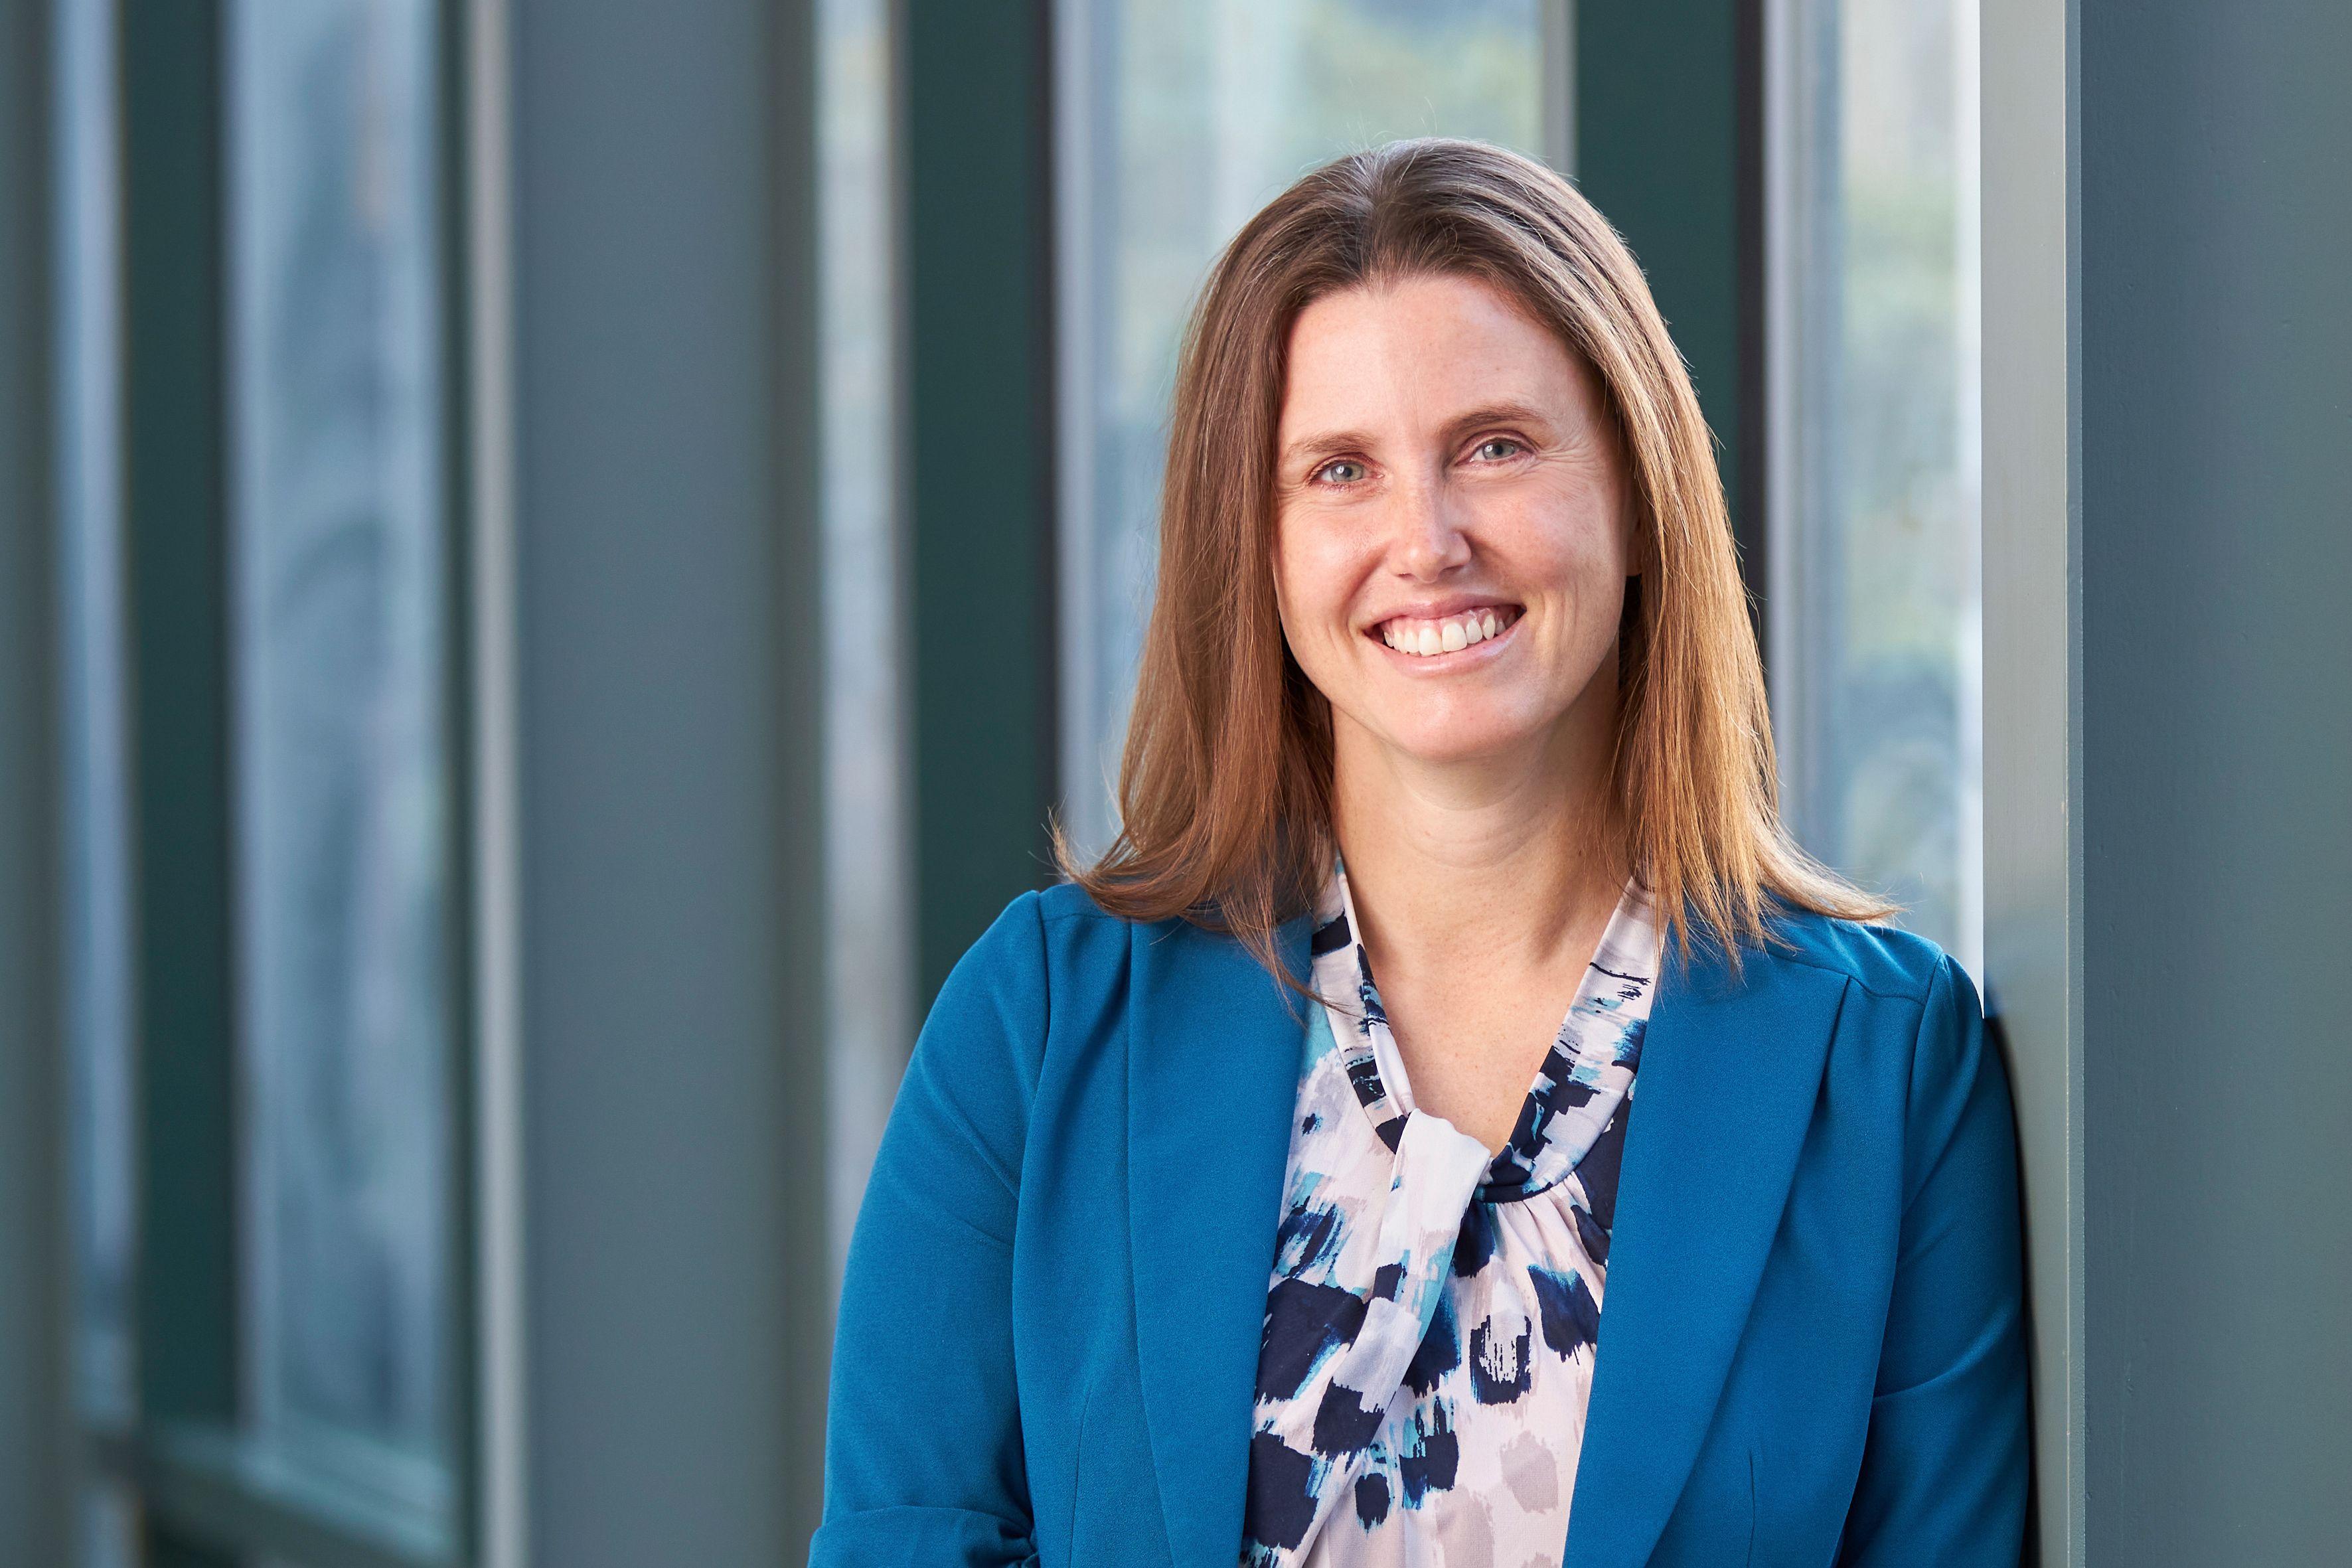 Jen Rainey, PA-C, MPH